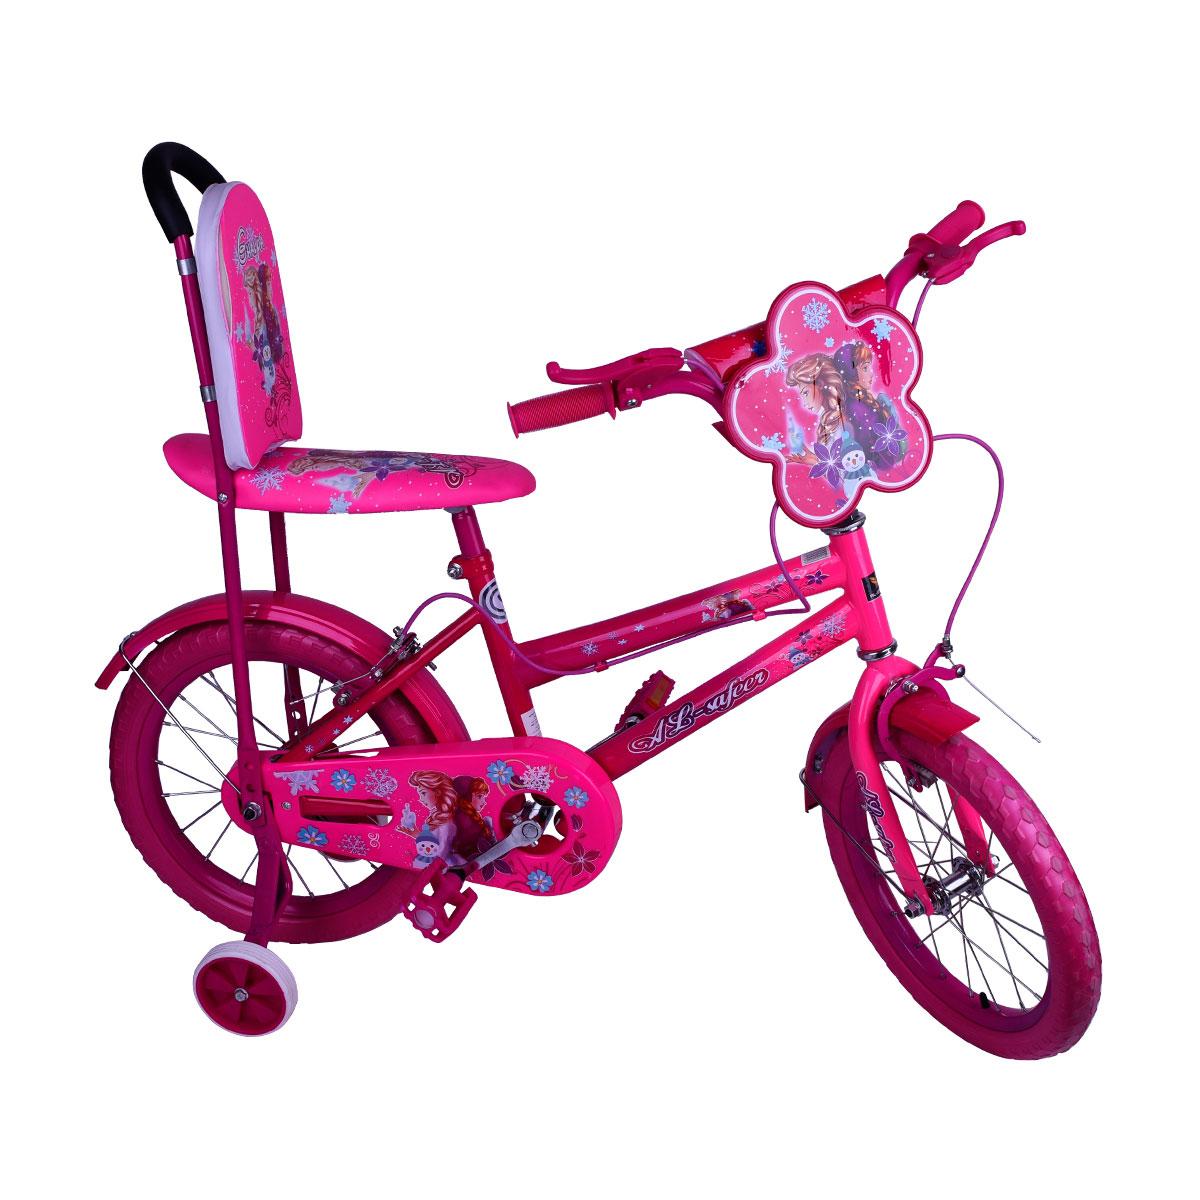 دراجات هوائية اطفال - Images Gallery